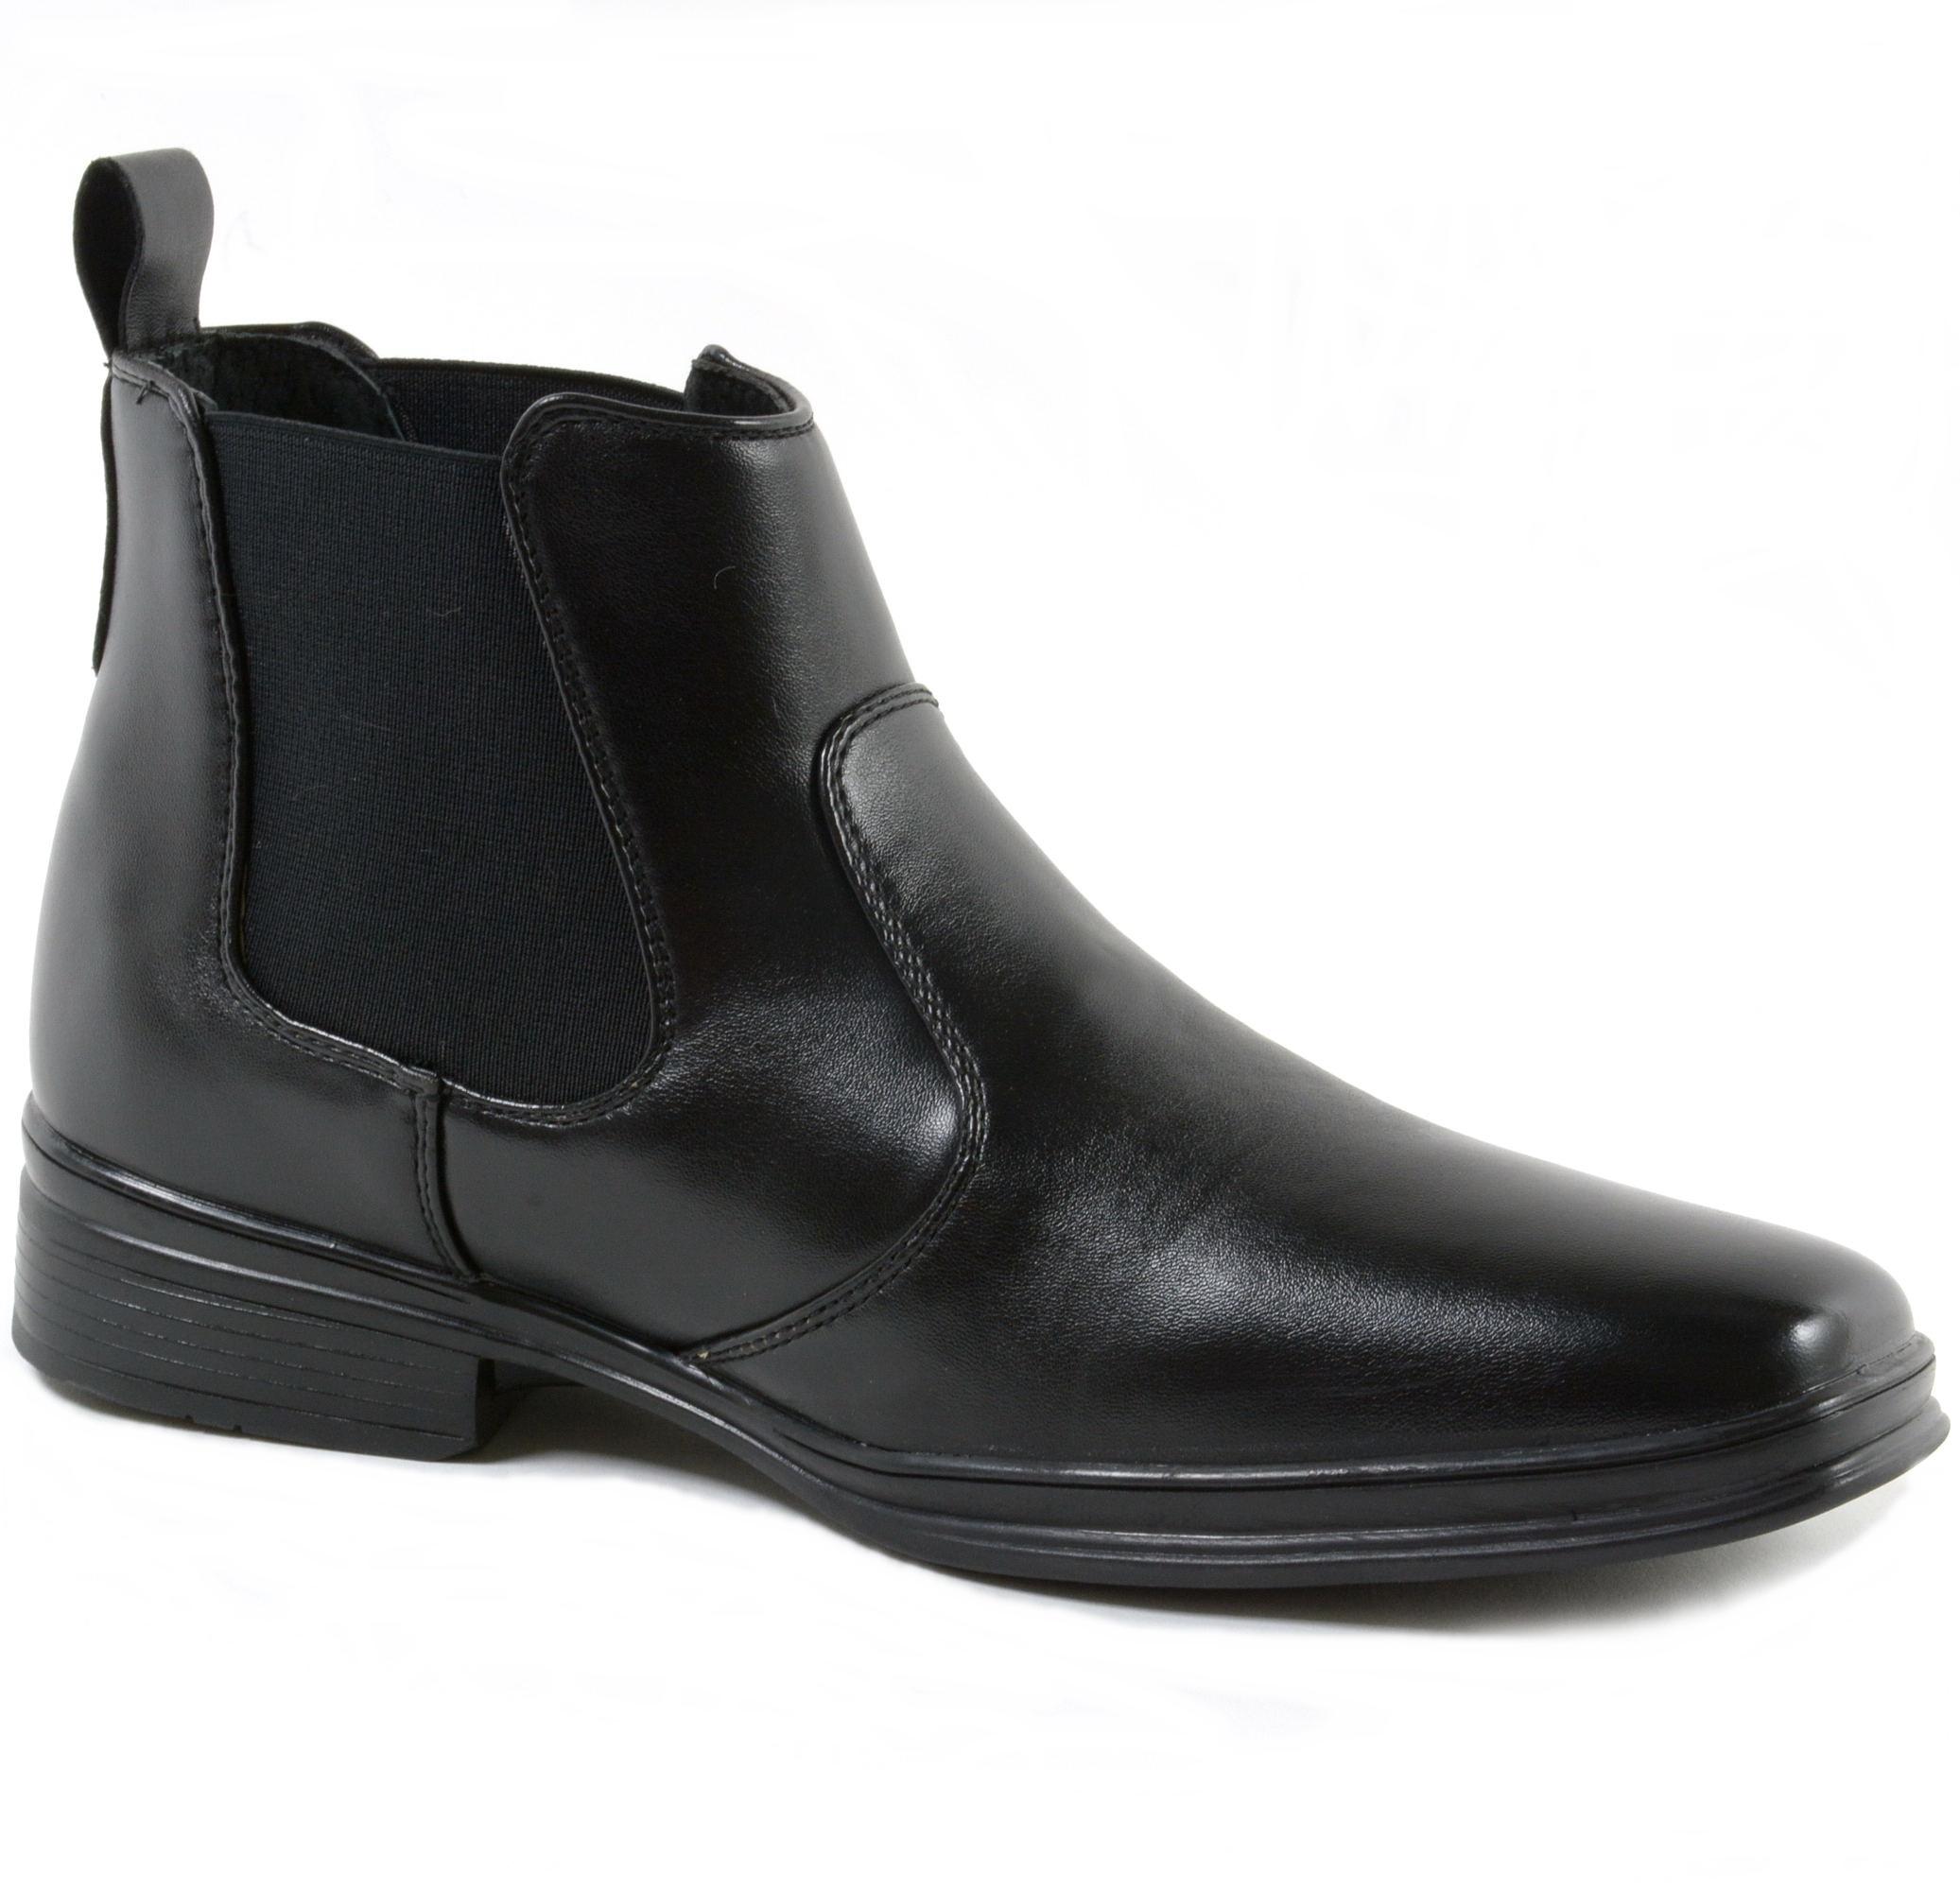 mens dress boots alpine-swiss-sion-men-039-s-chelsea-boots- urcbpac